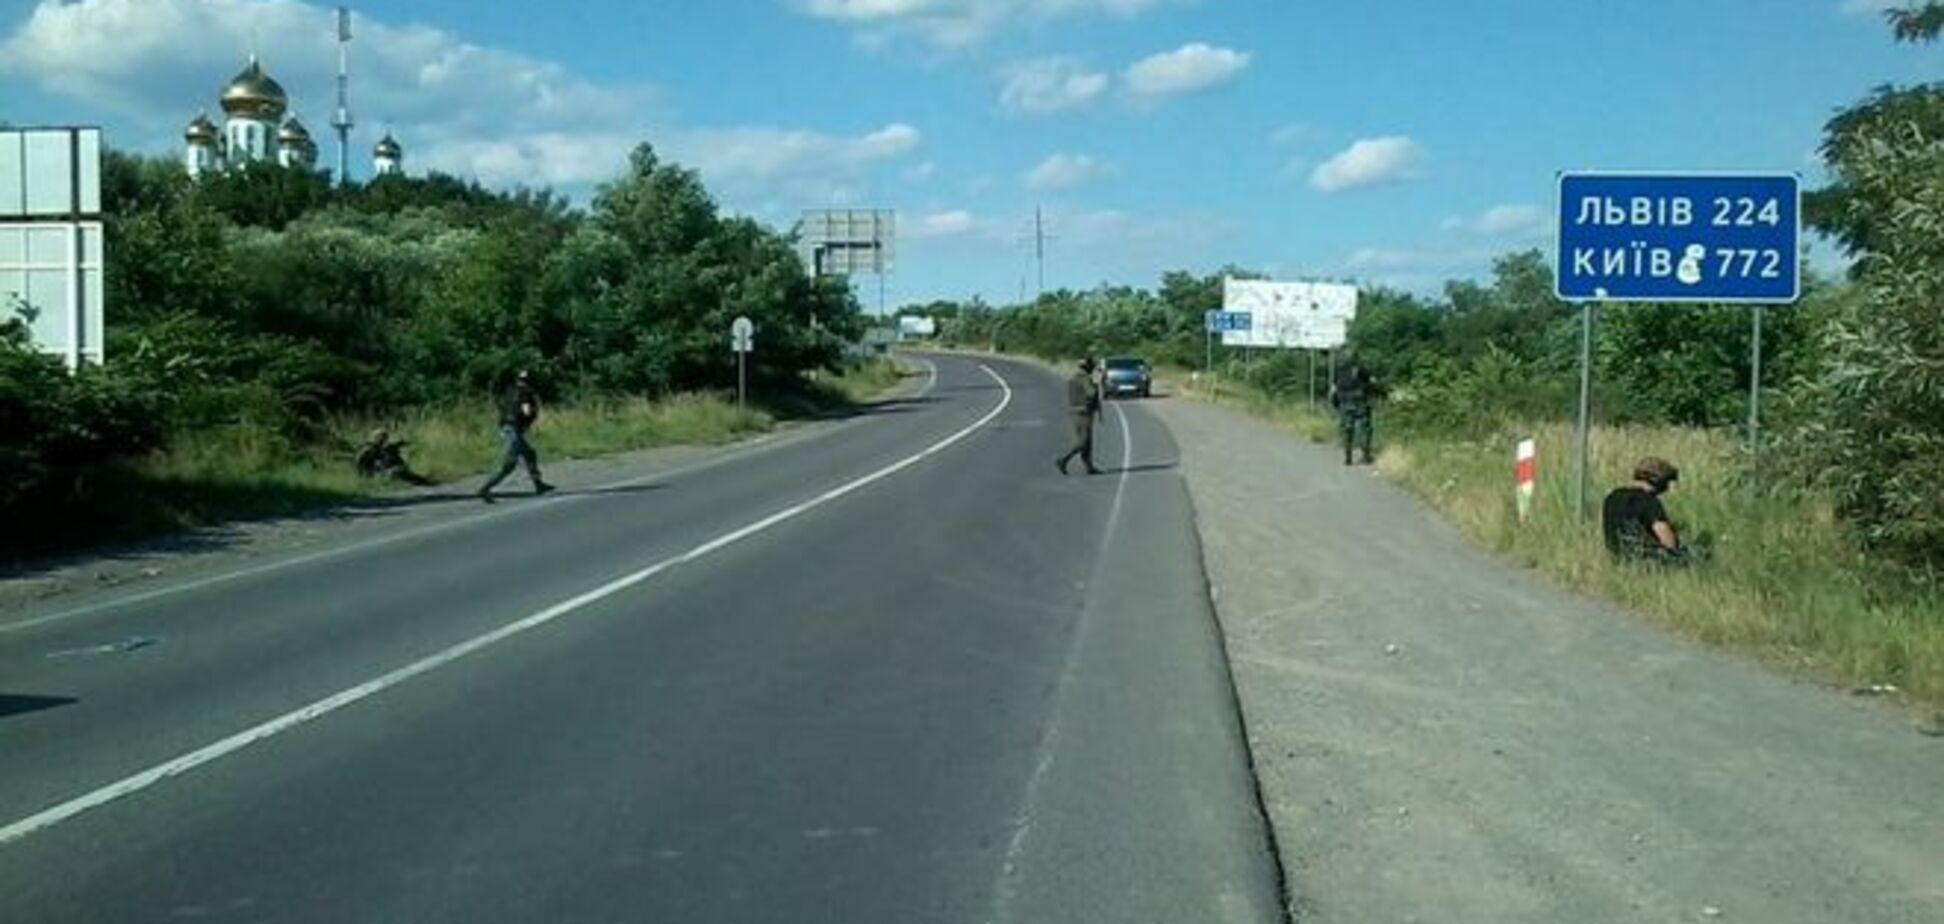 Возле Мукачево нашли мертвого бойца 'Правого сектора' - СМИ